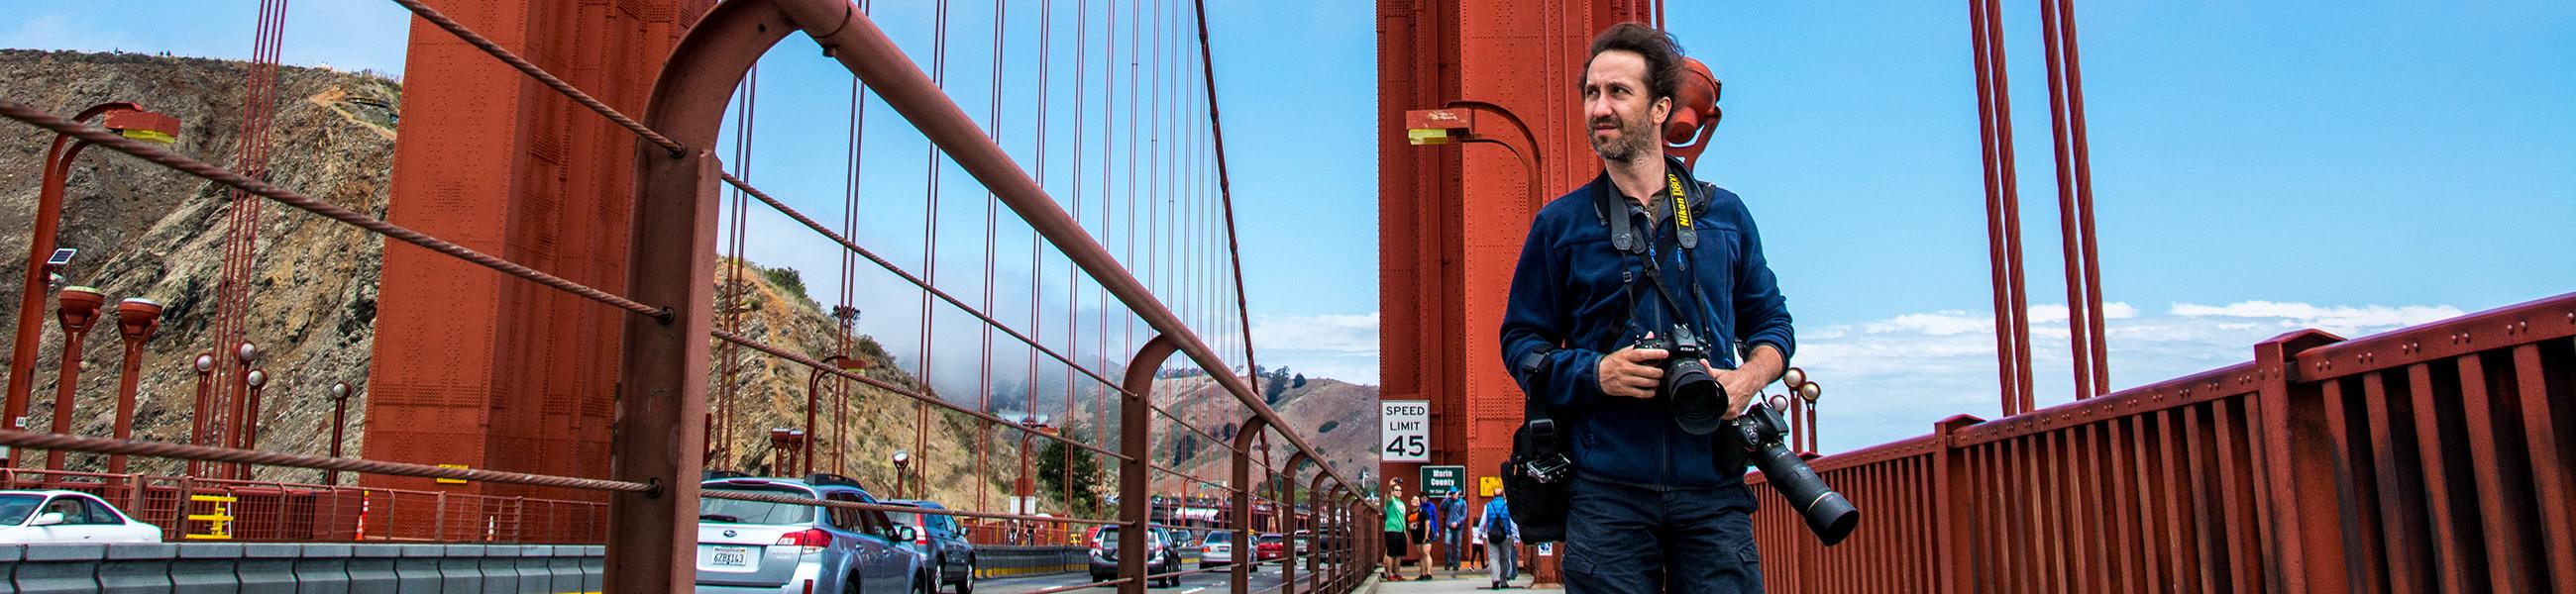 Balade sur le Golden Gate Bridge de San Francisco